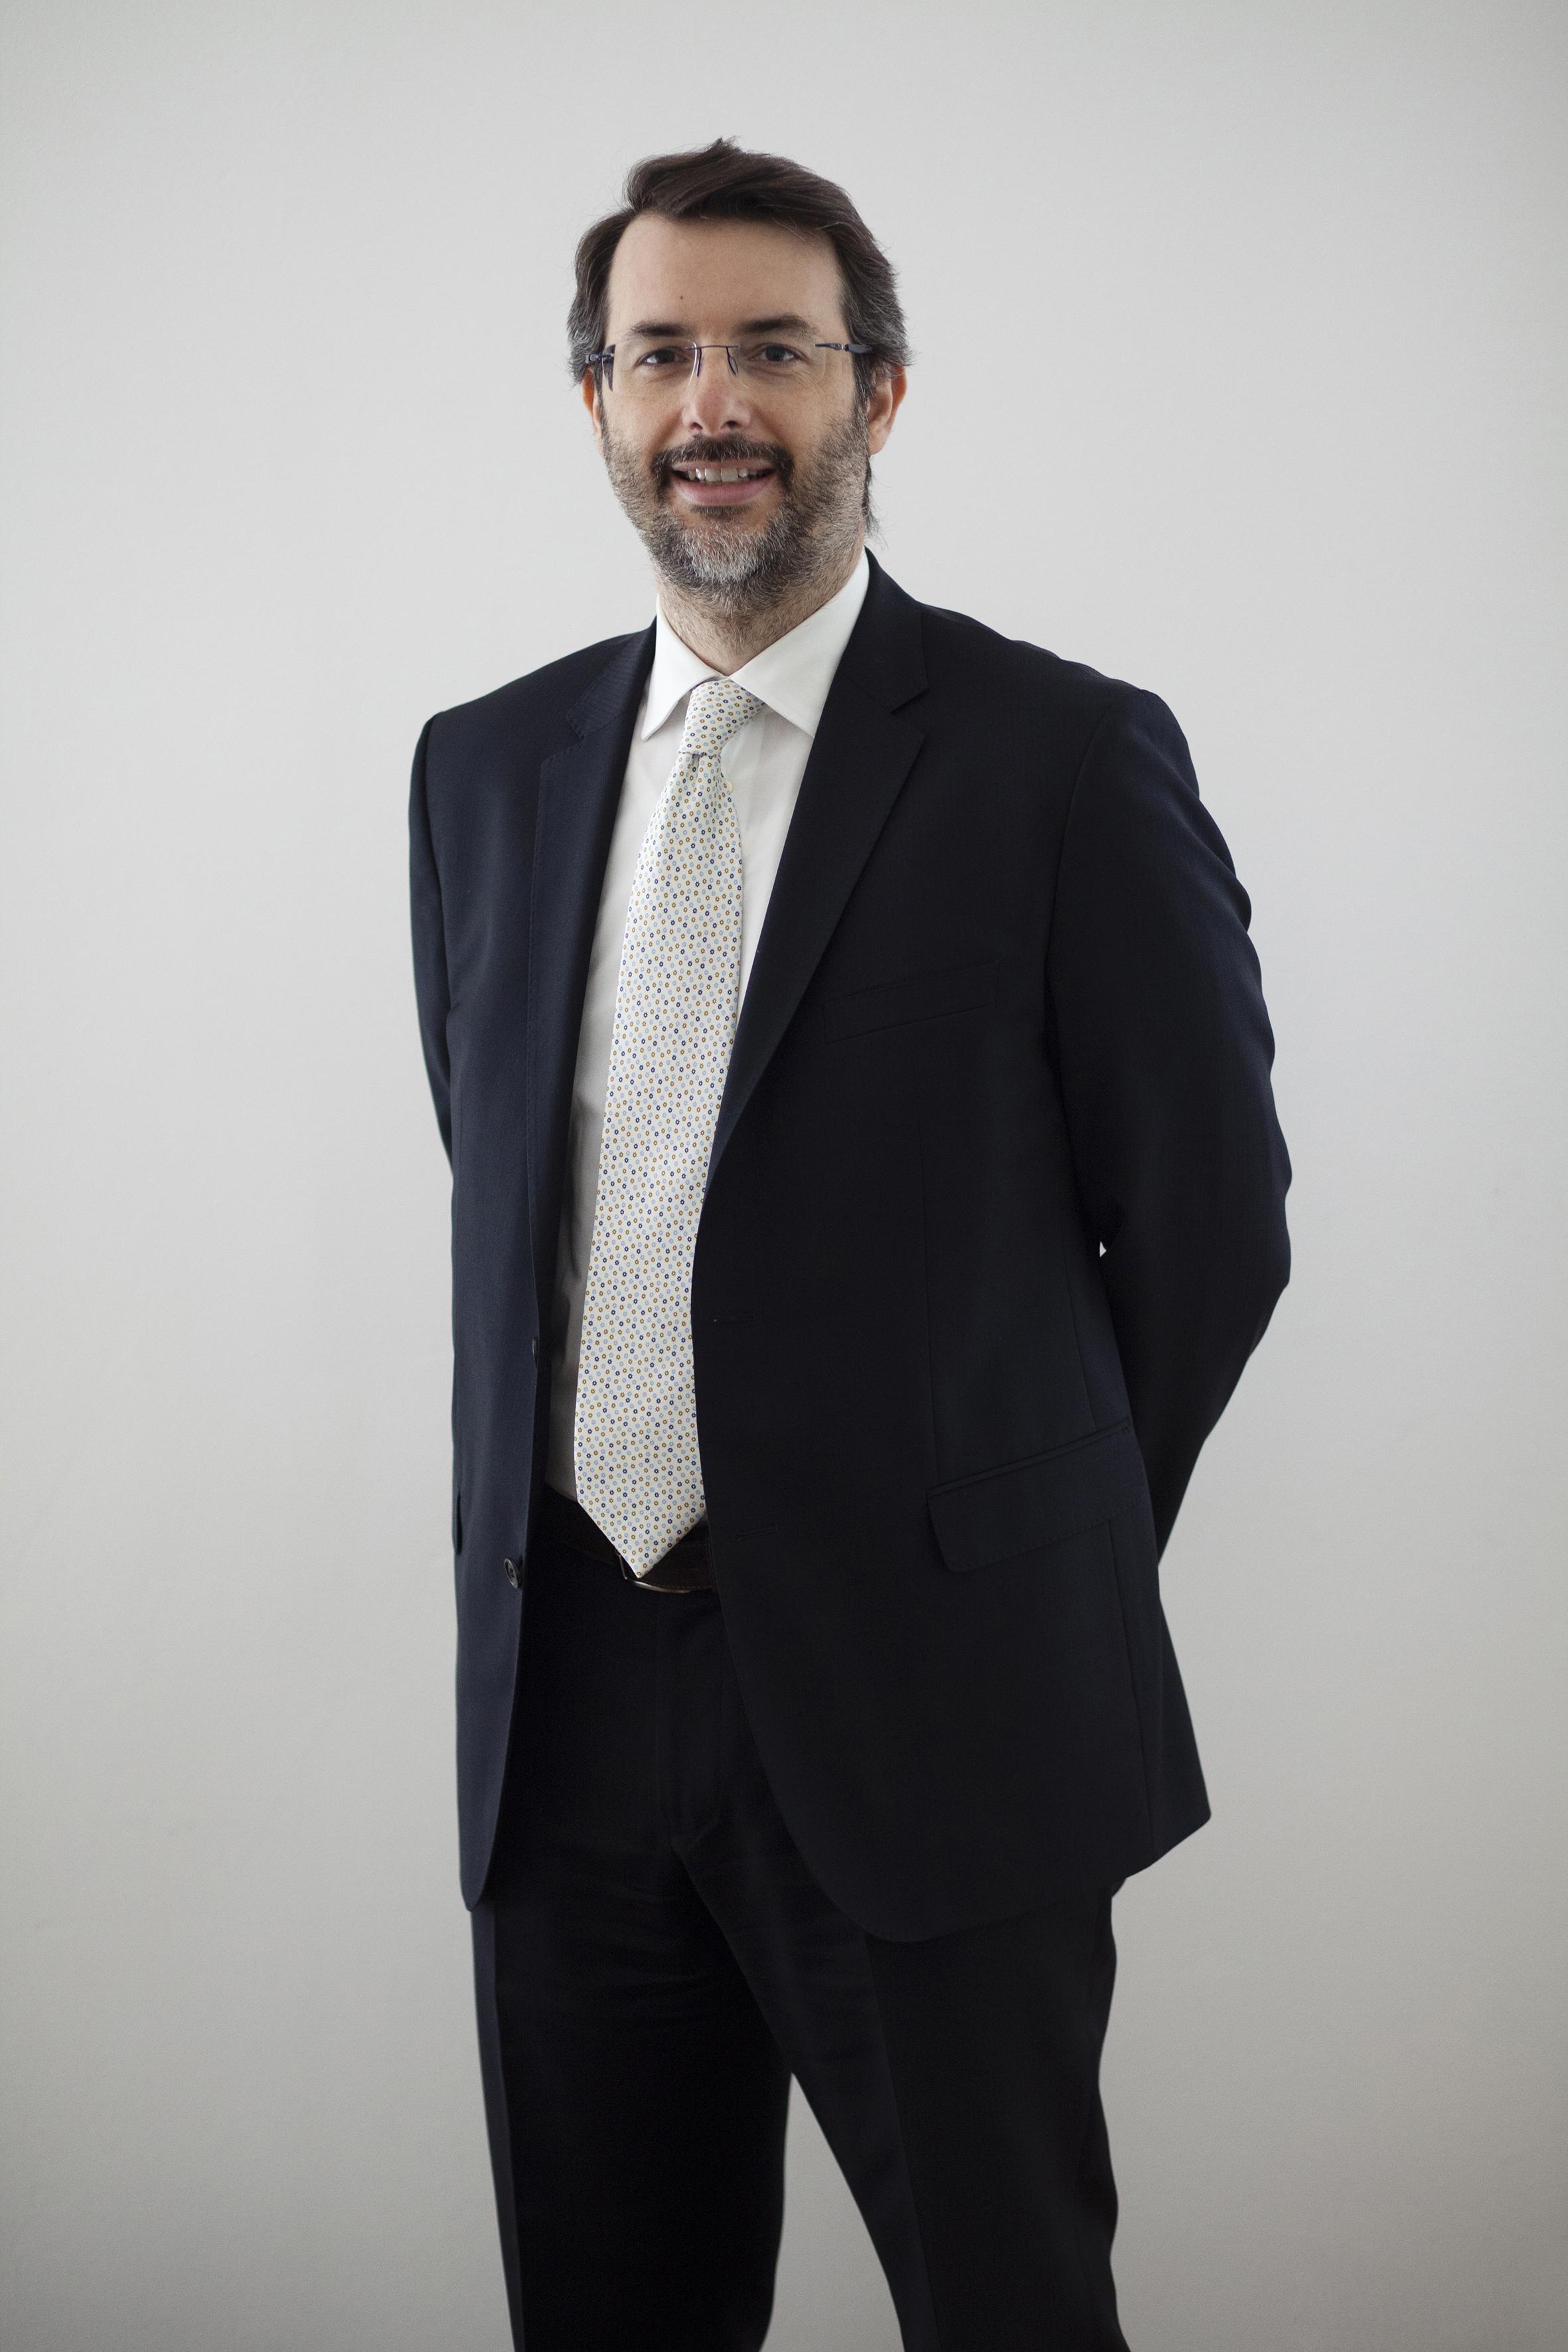 Avv. Vincenzo Fabrizio Giglio